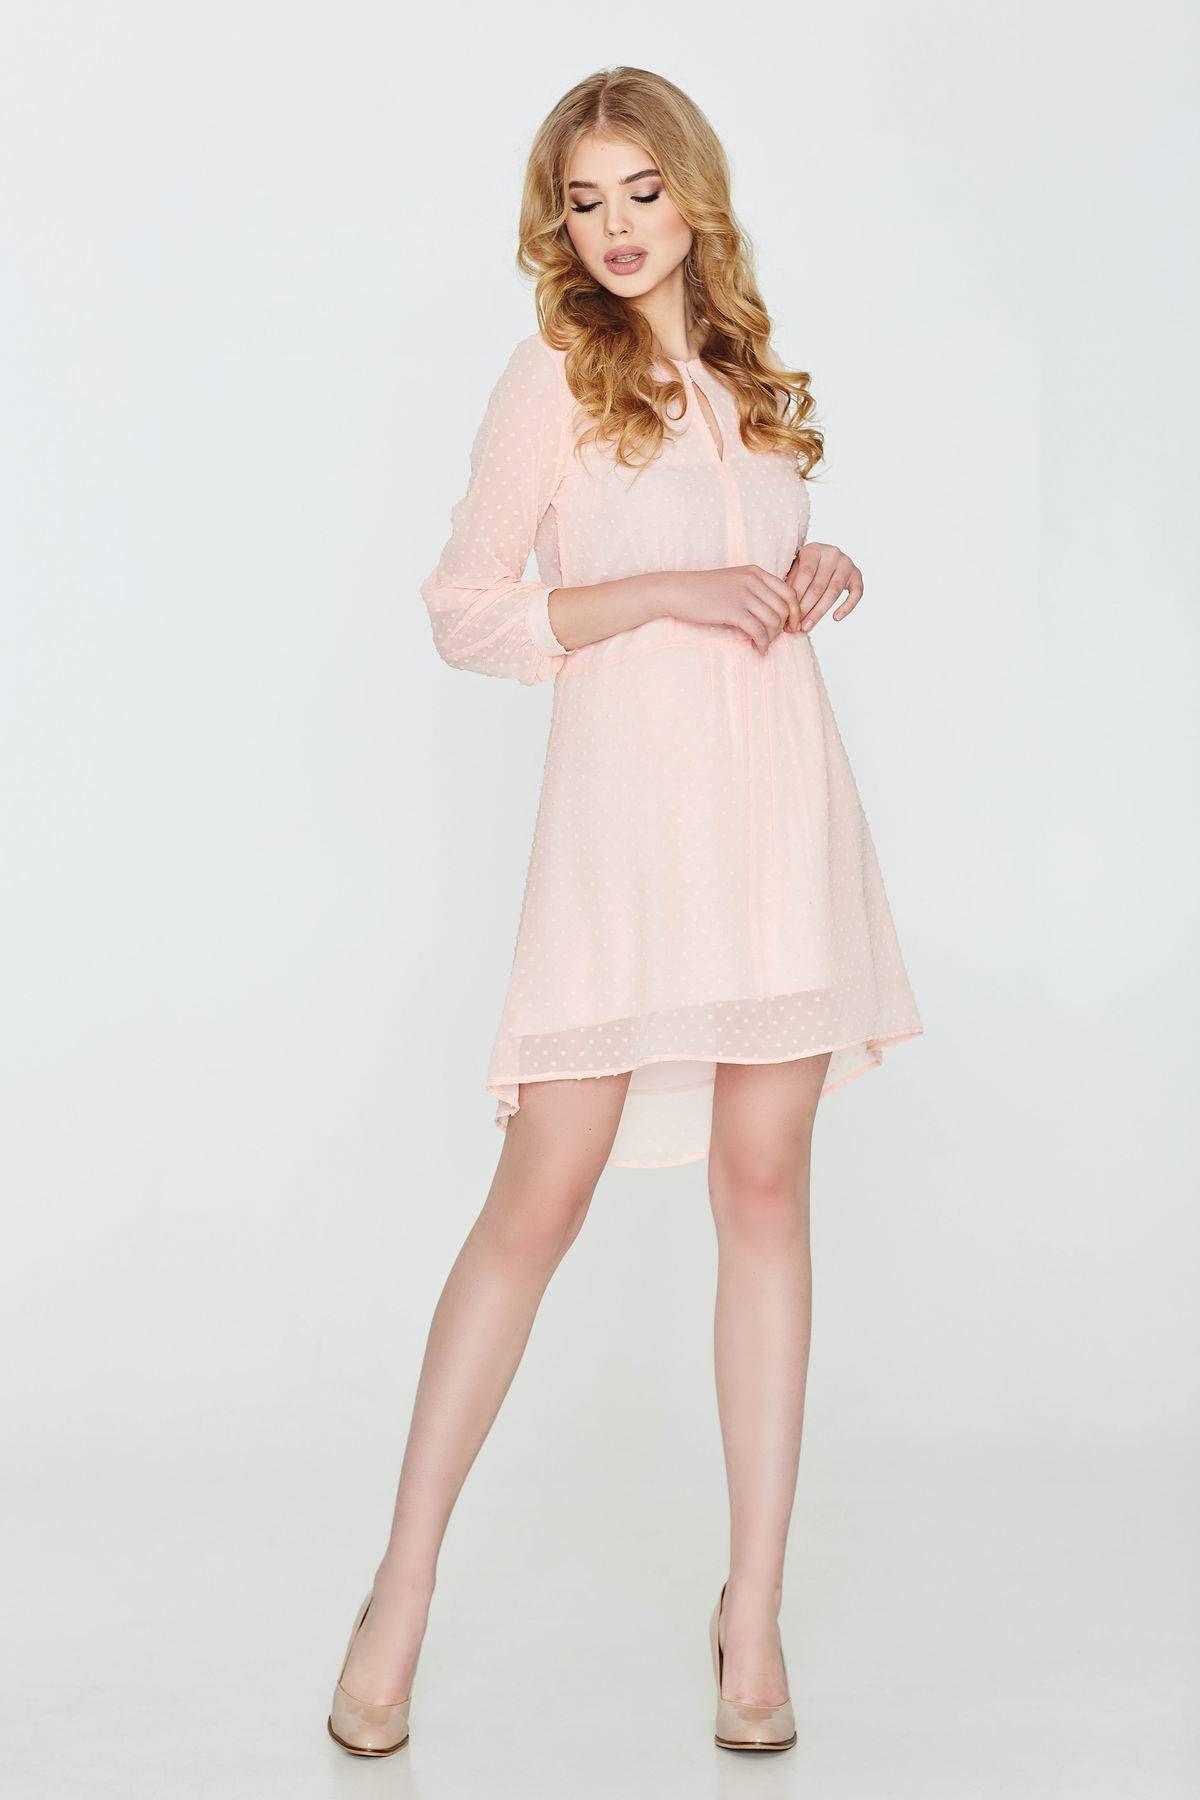 Чарівне коктейльне плаття дозволить підкреслити жіночність. Для пошиття  моделі використовувався шифон f29365b489384